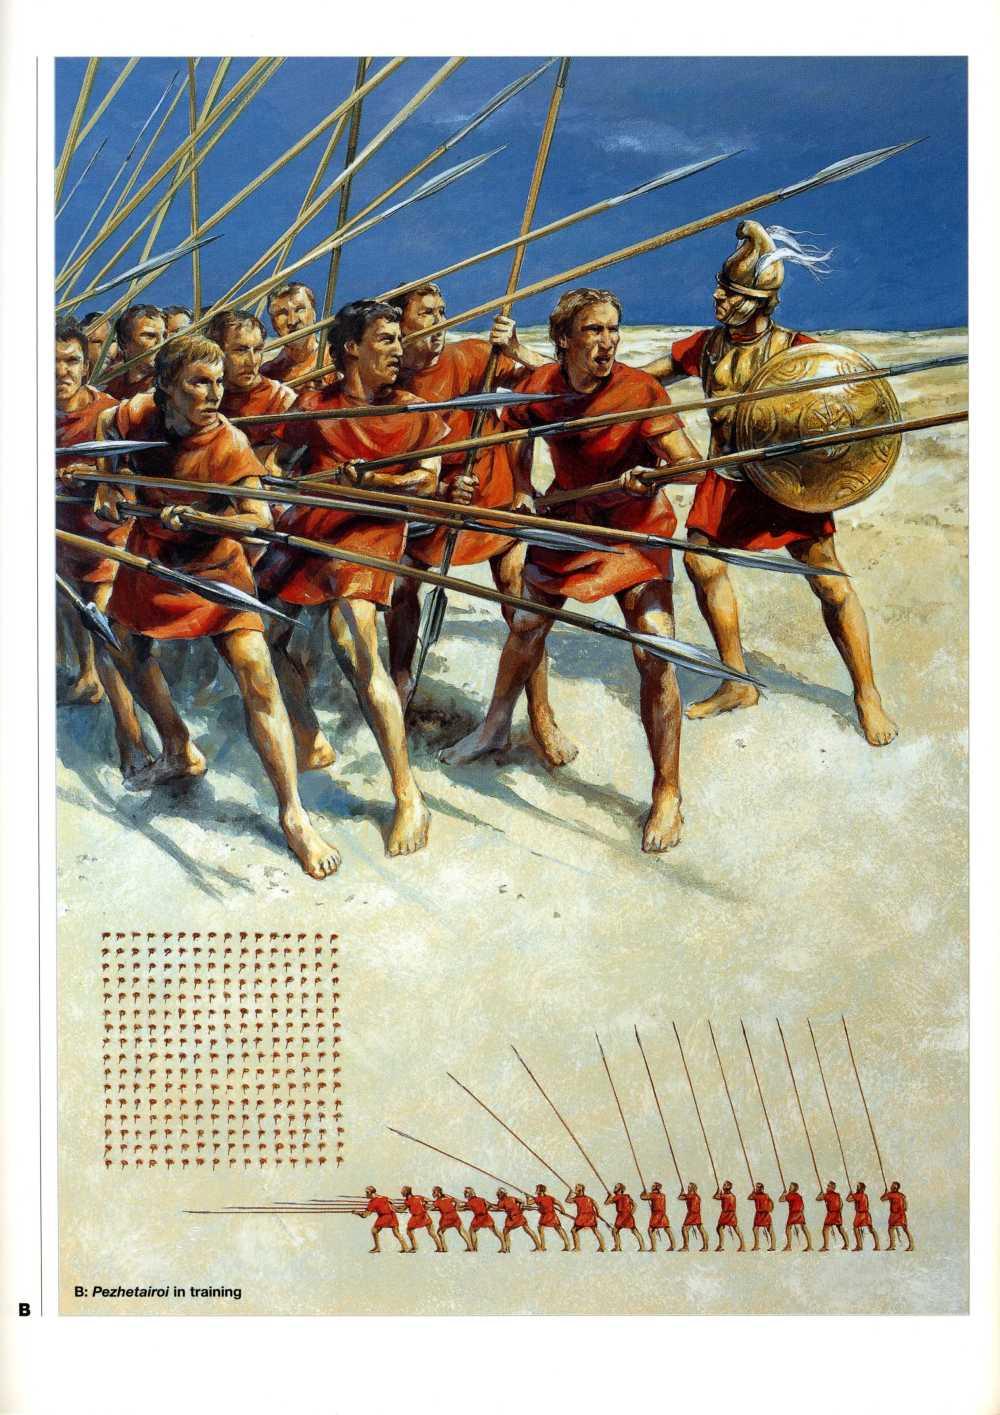 腓力二世的马其顿方阵发挥了重要作用。如图中所示,到了亚历山大时代,方阵前五排放平长枪,后五排把长枪斜向上举起,最后六排竖起长枪